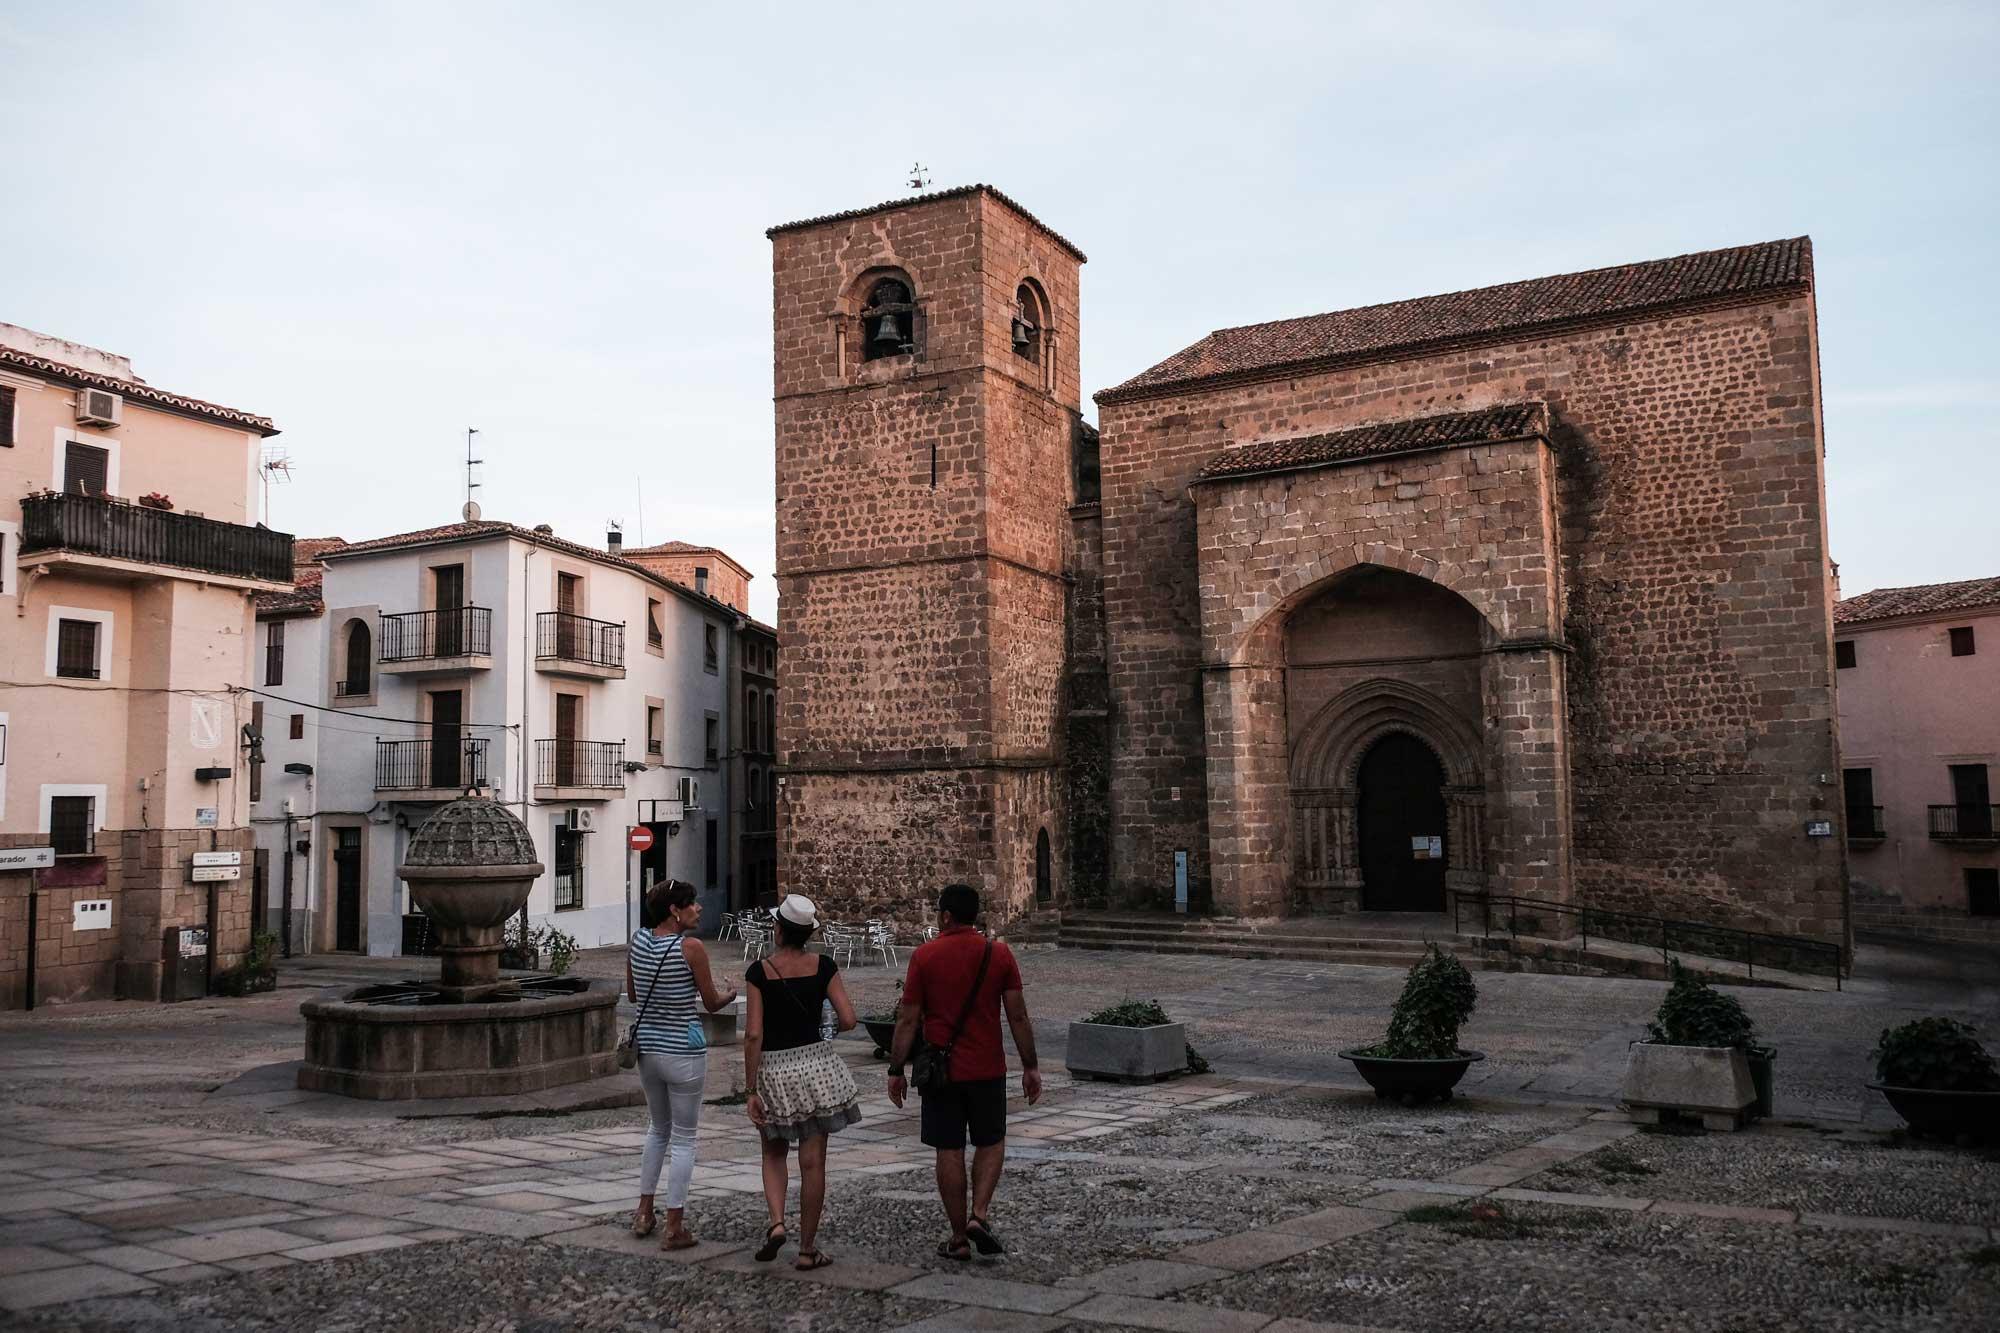 La Iglesia de San Nicolás, del siglo XIII, se alza majestuosa ante el Palacio de Mirabel.